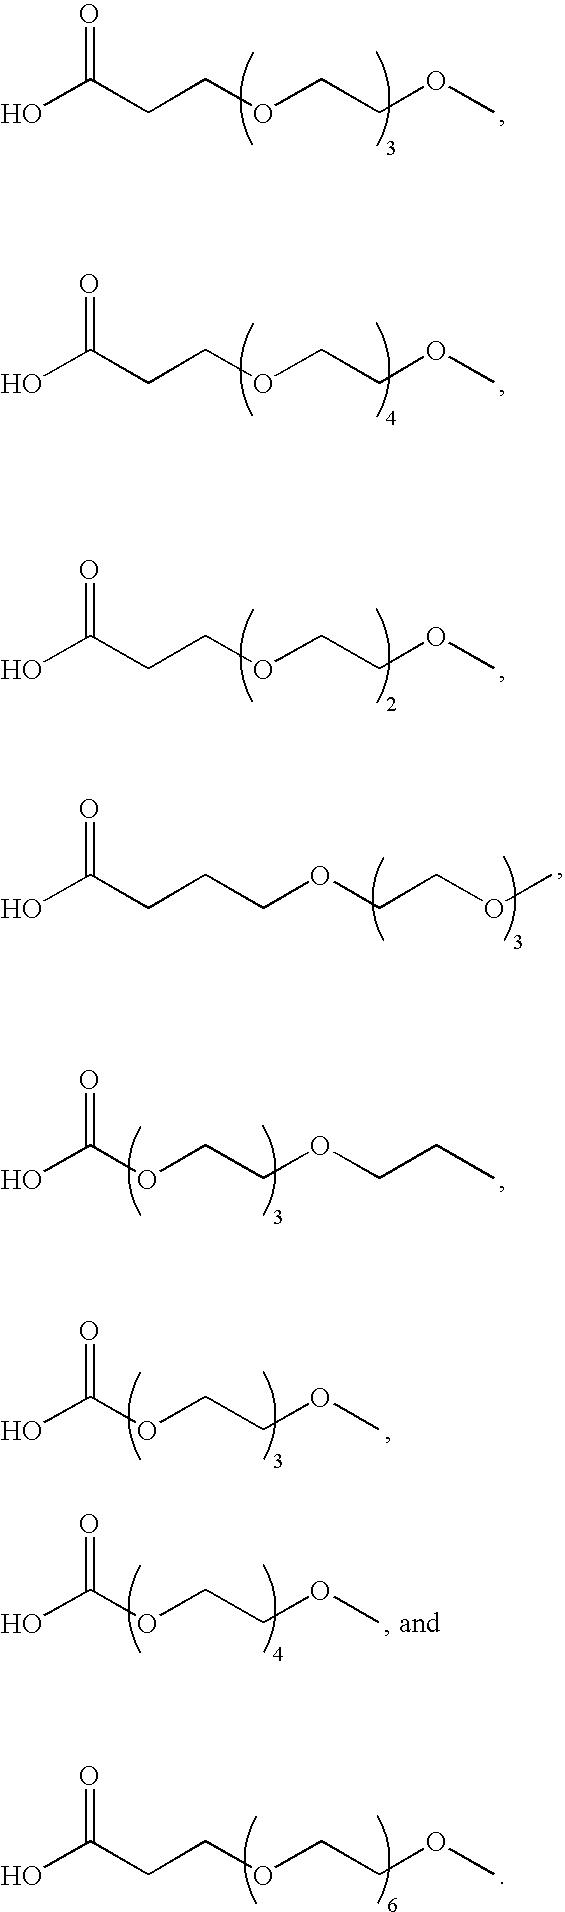 Figure US07875700-20110125-C00014